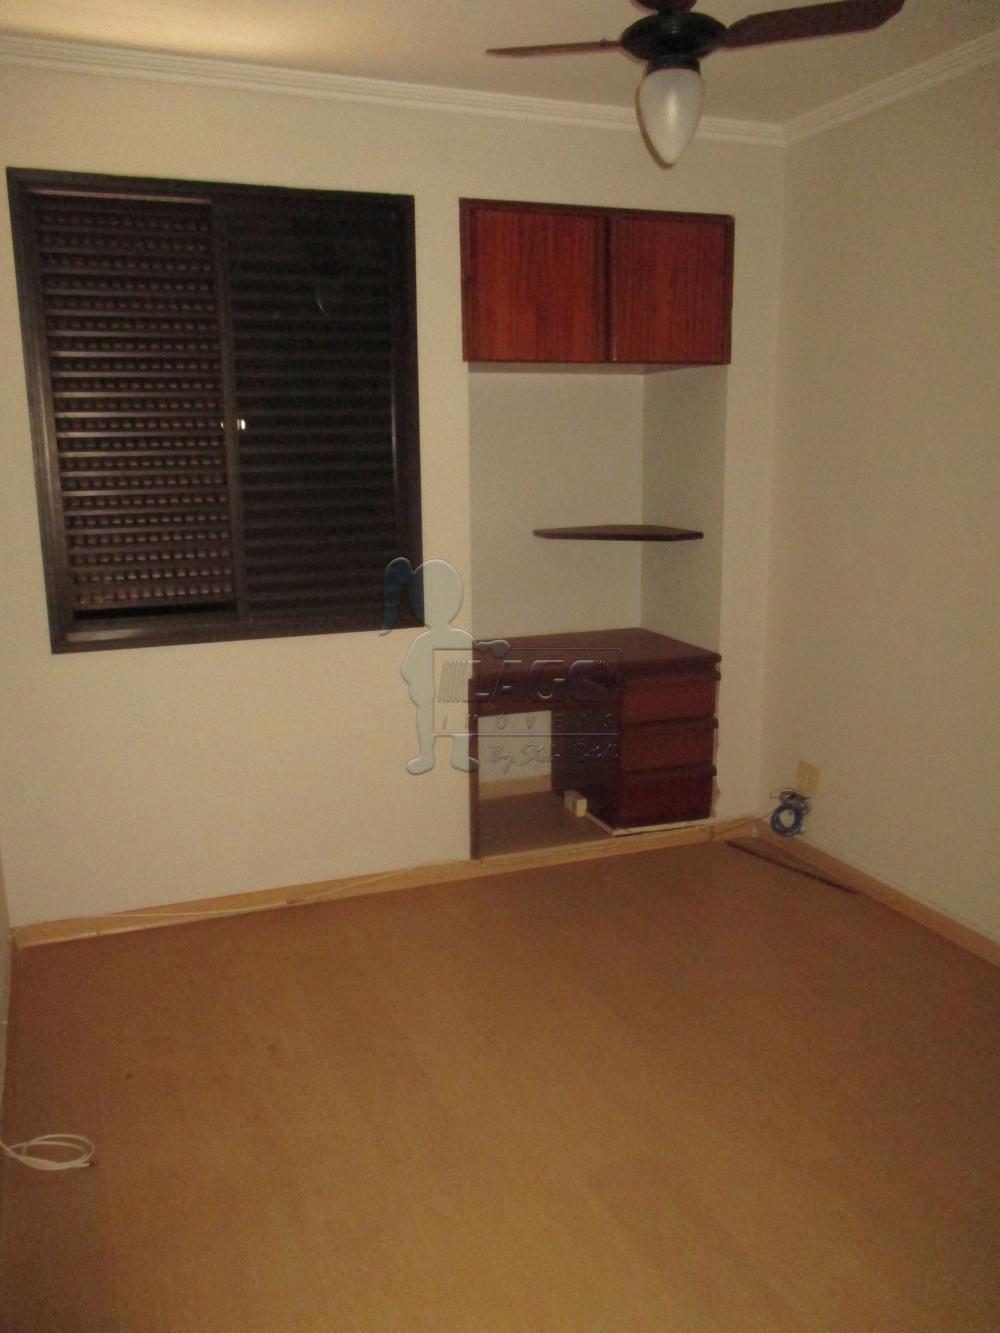 Comprar Apartamento / Padrão em Ribeirão Preto apenas R$ 371.000,00 - Foto 12